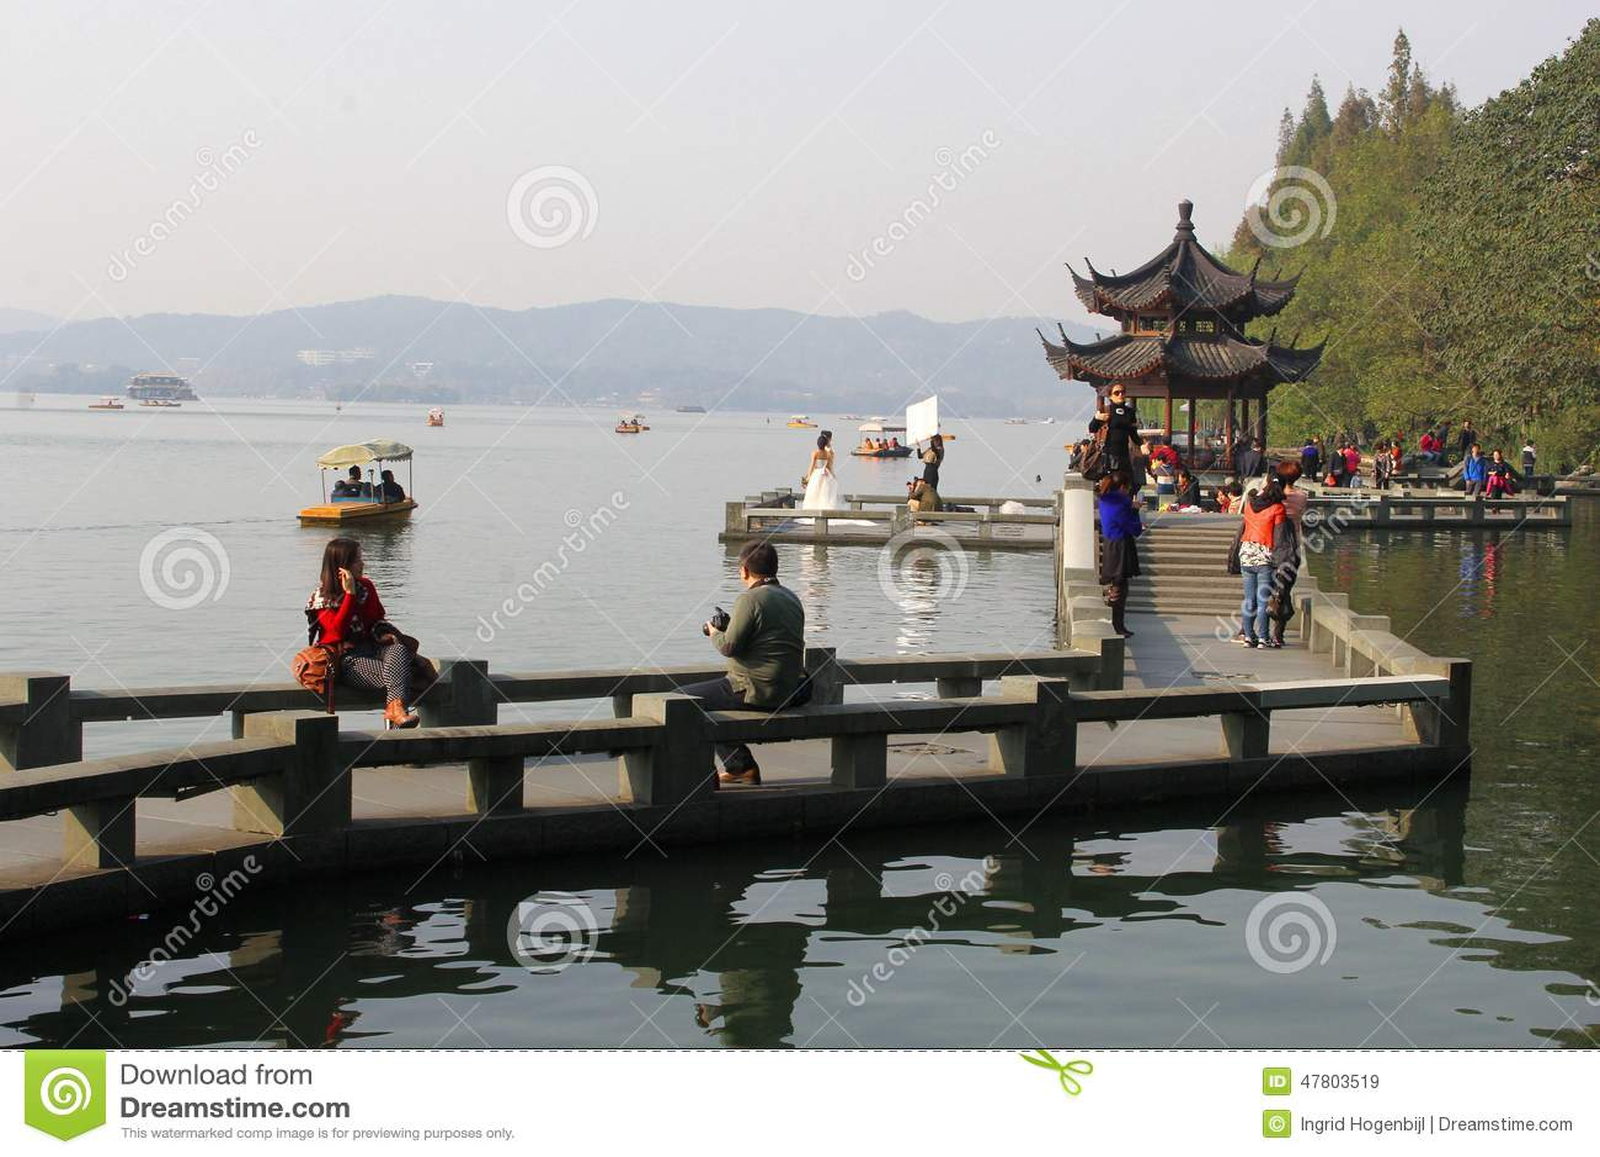 Οι άνθρωποι χαλαρώνουν κατά μήκος της δυτικής λίμνης της ΟΥΝΕΣΚΟ σε Hangzhou, Κίνα